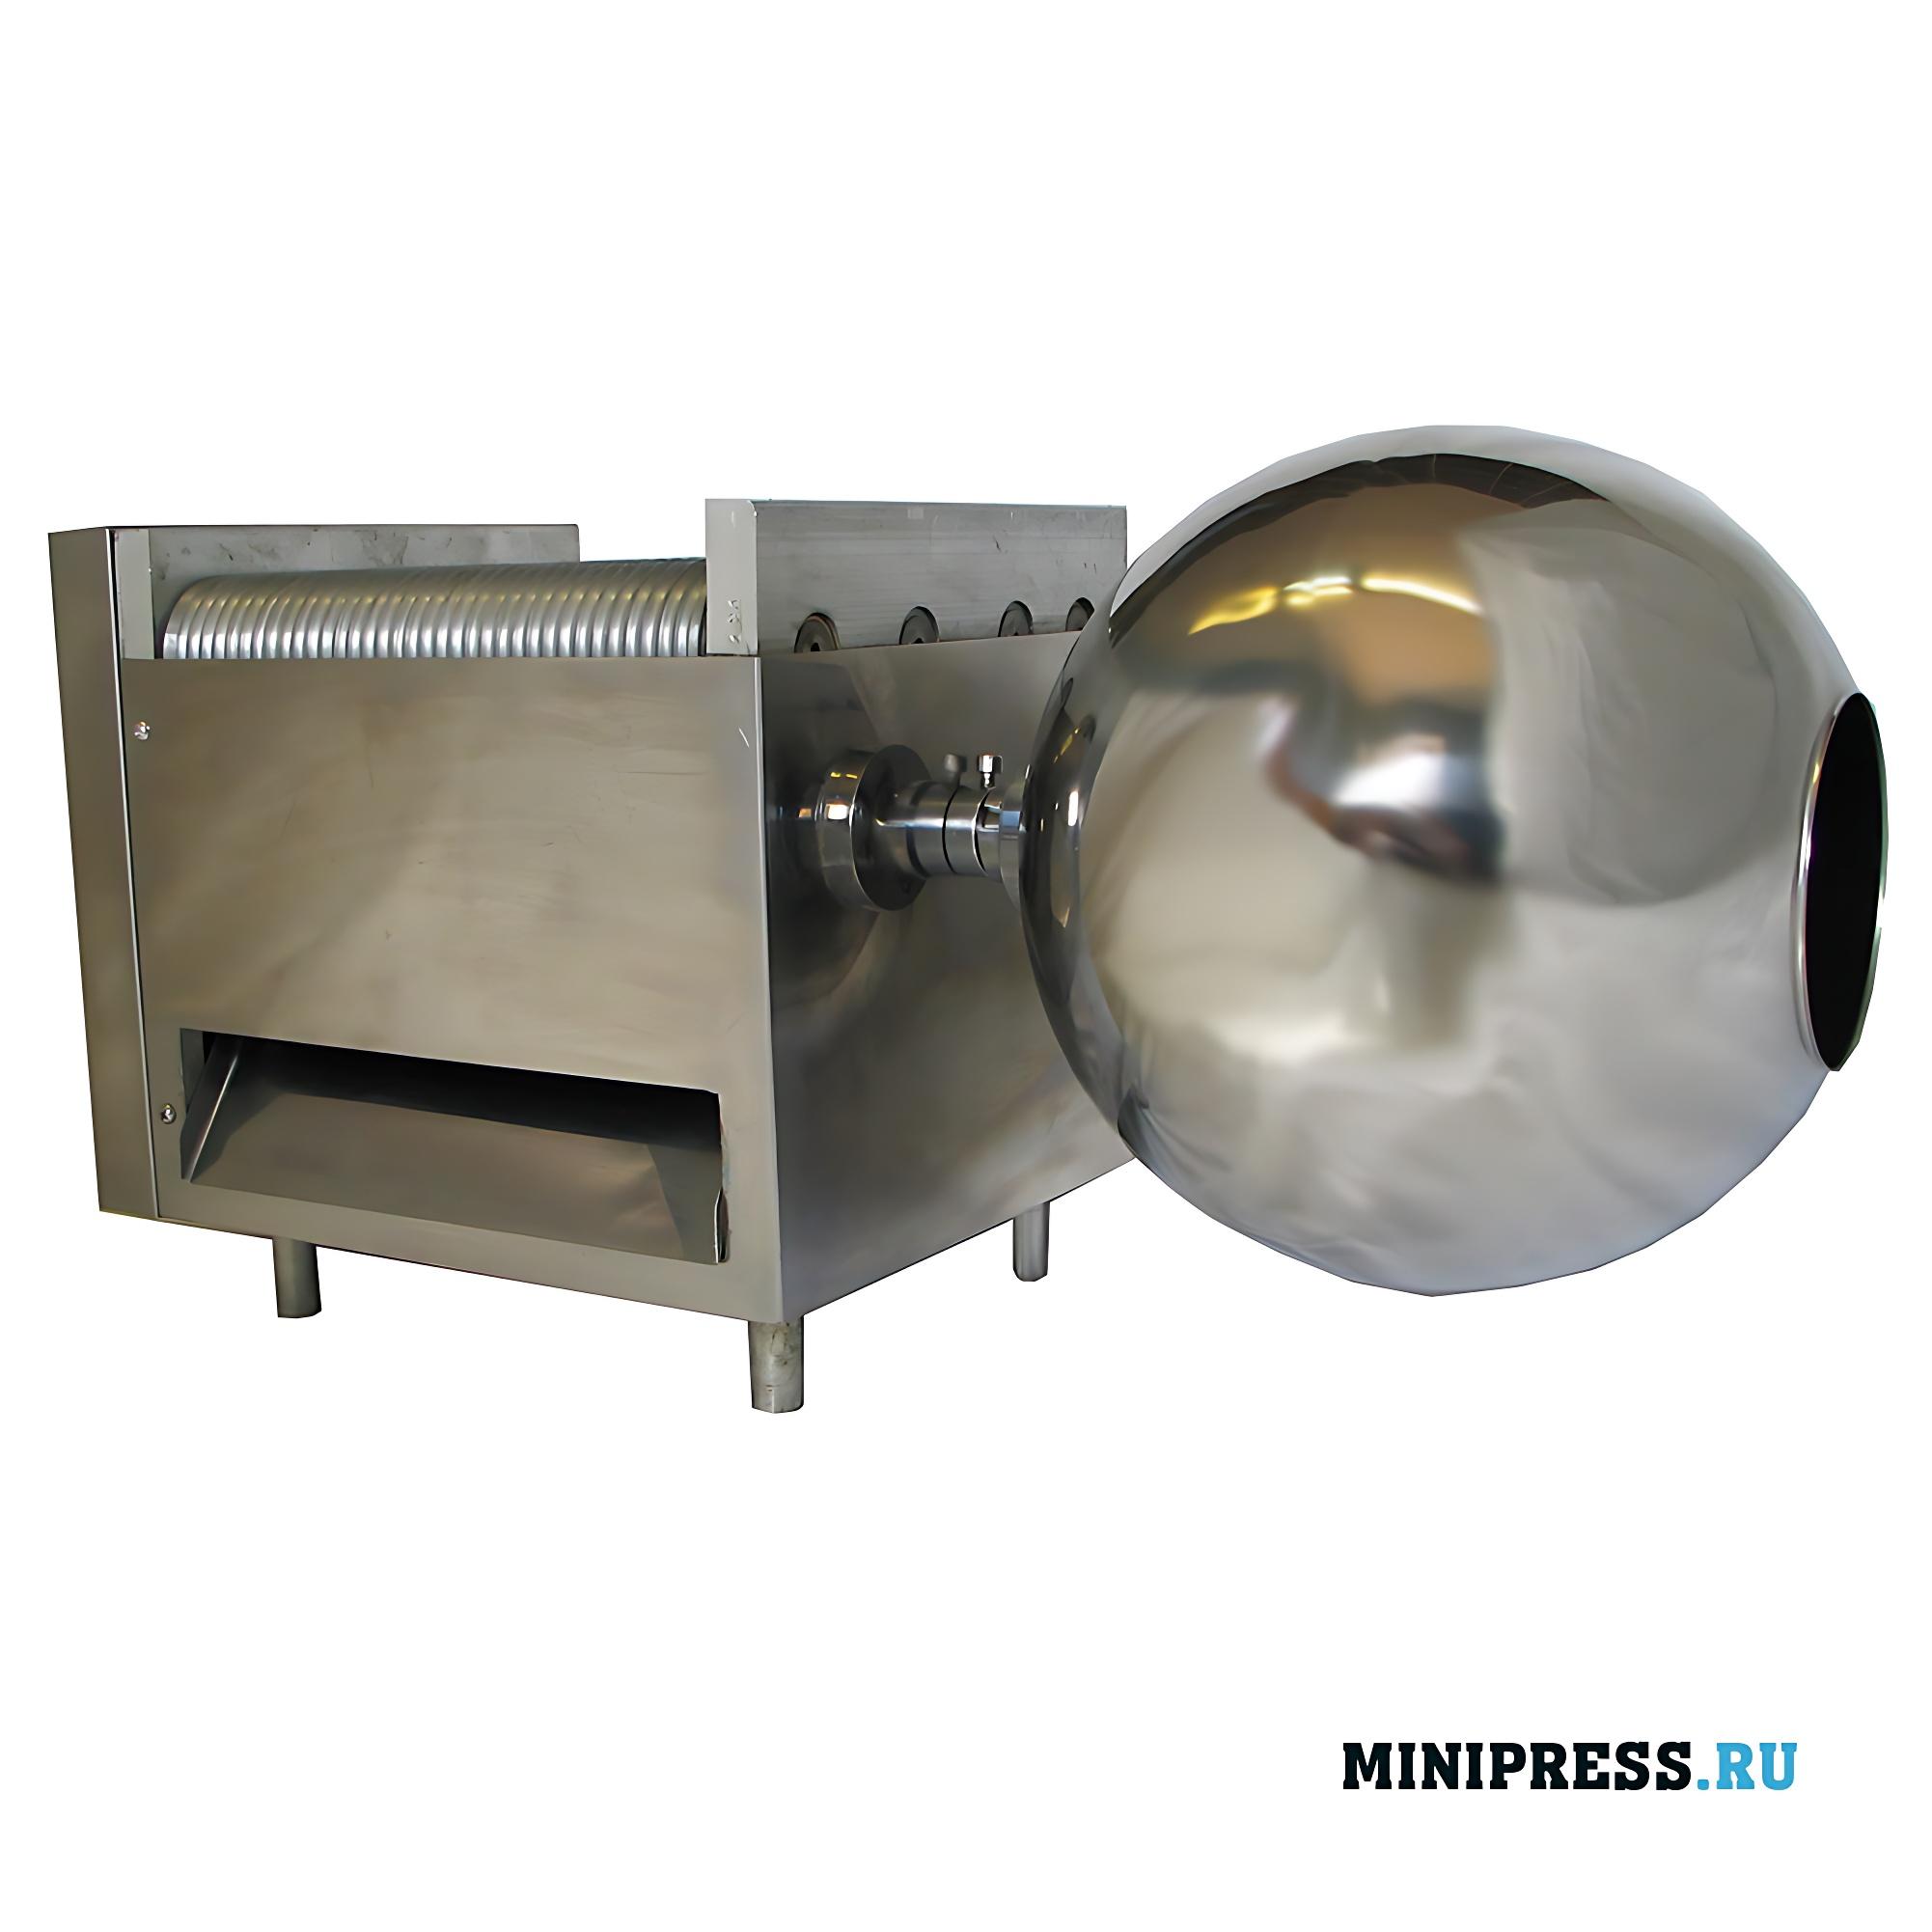 Оборудование для производство драже и бойлов диаметром до 12 мм